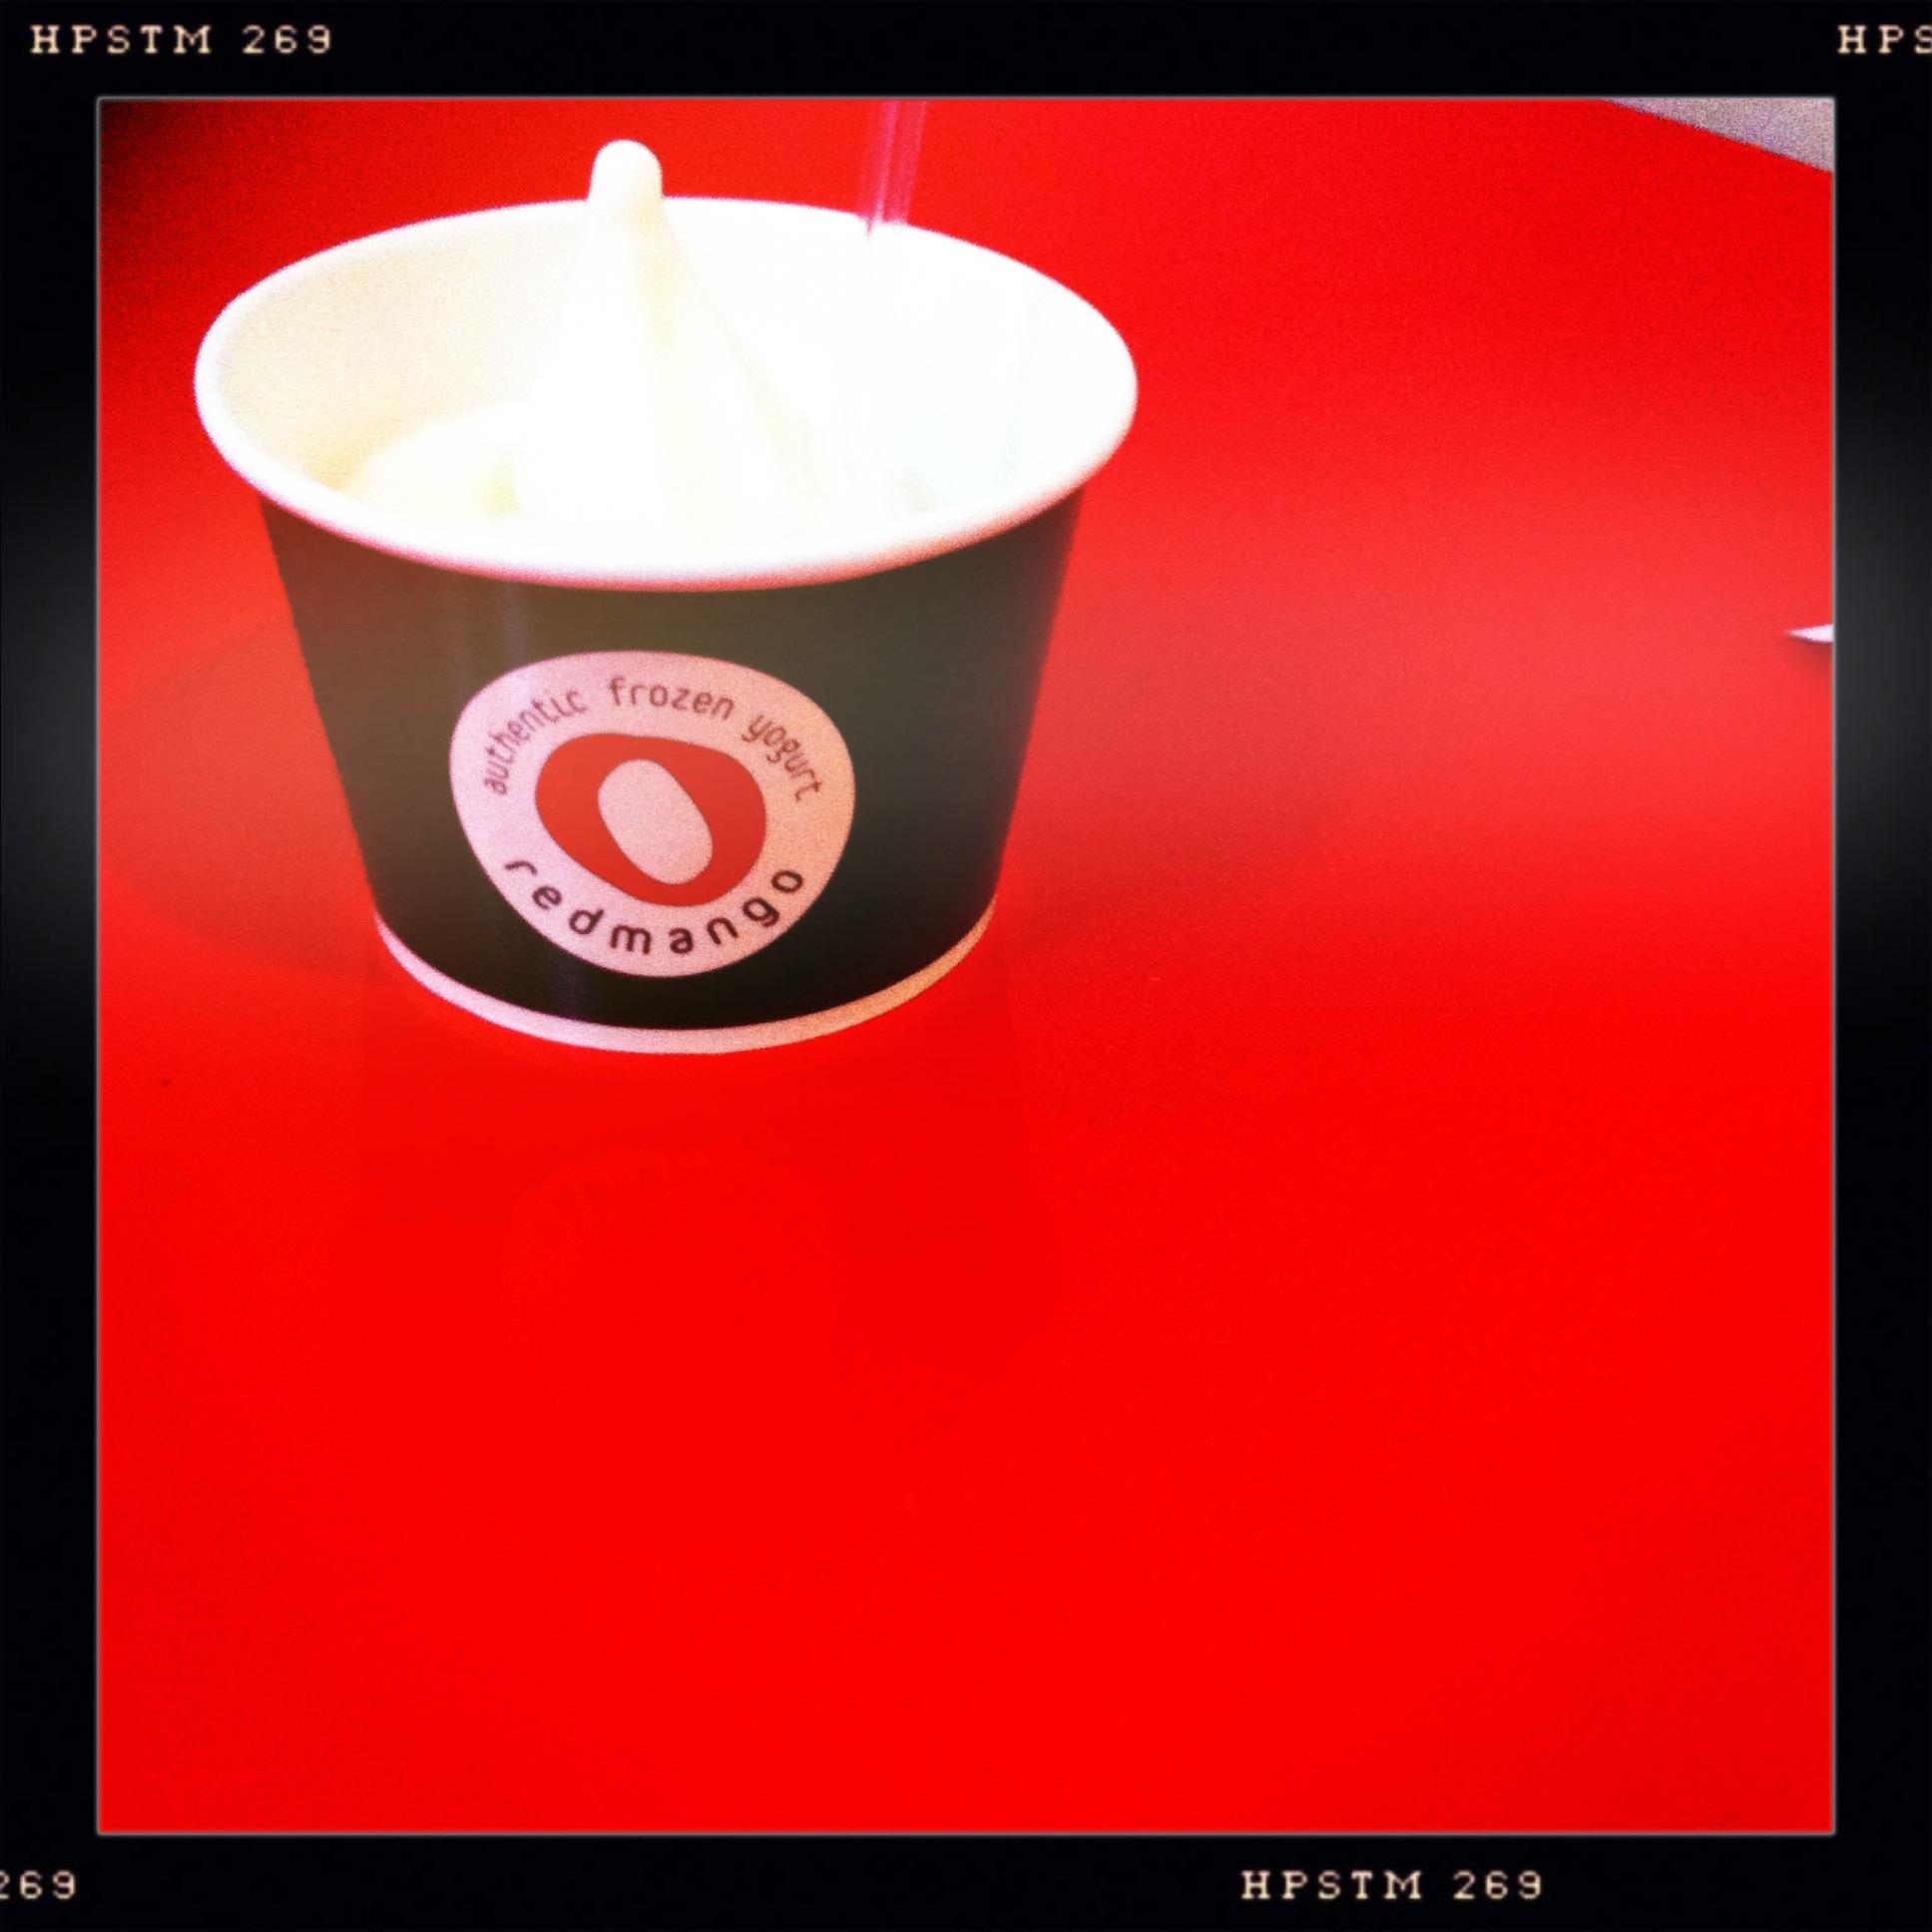 Peekture: Yummy Frozen Yoghurt